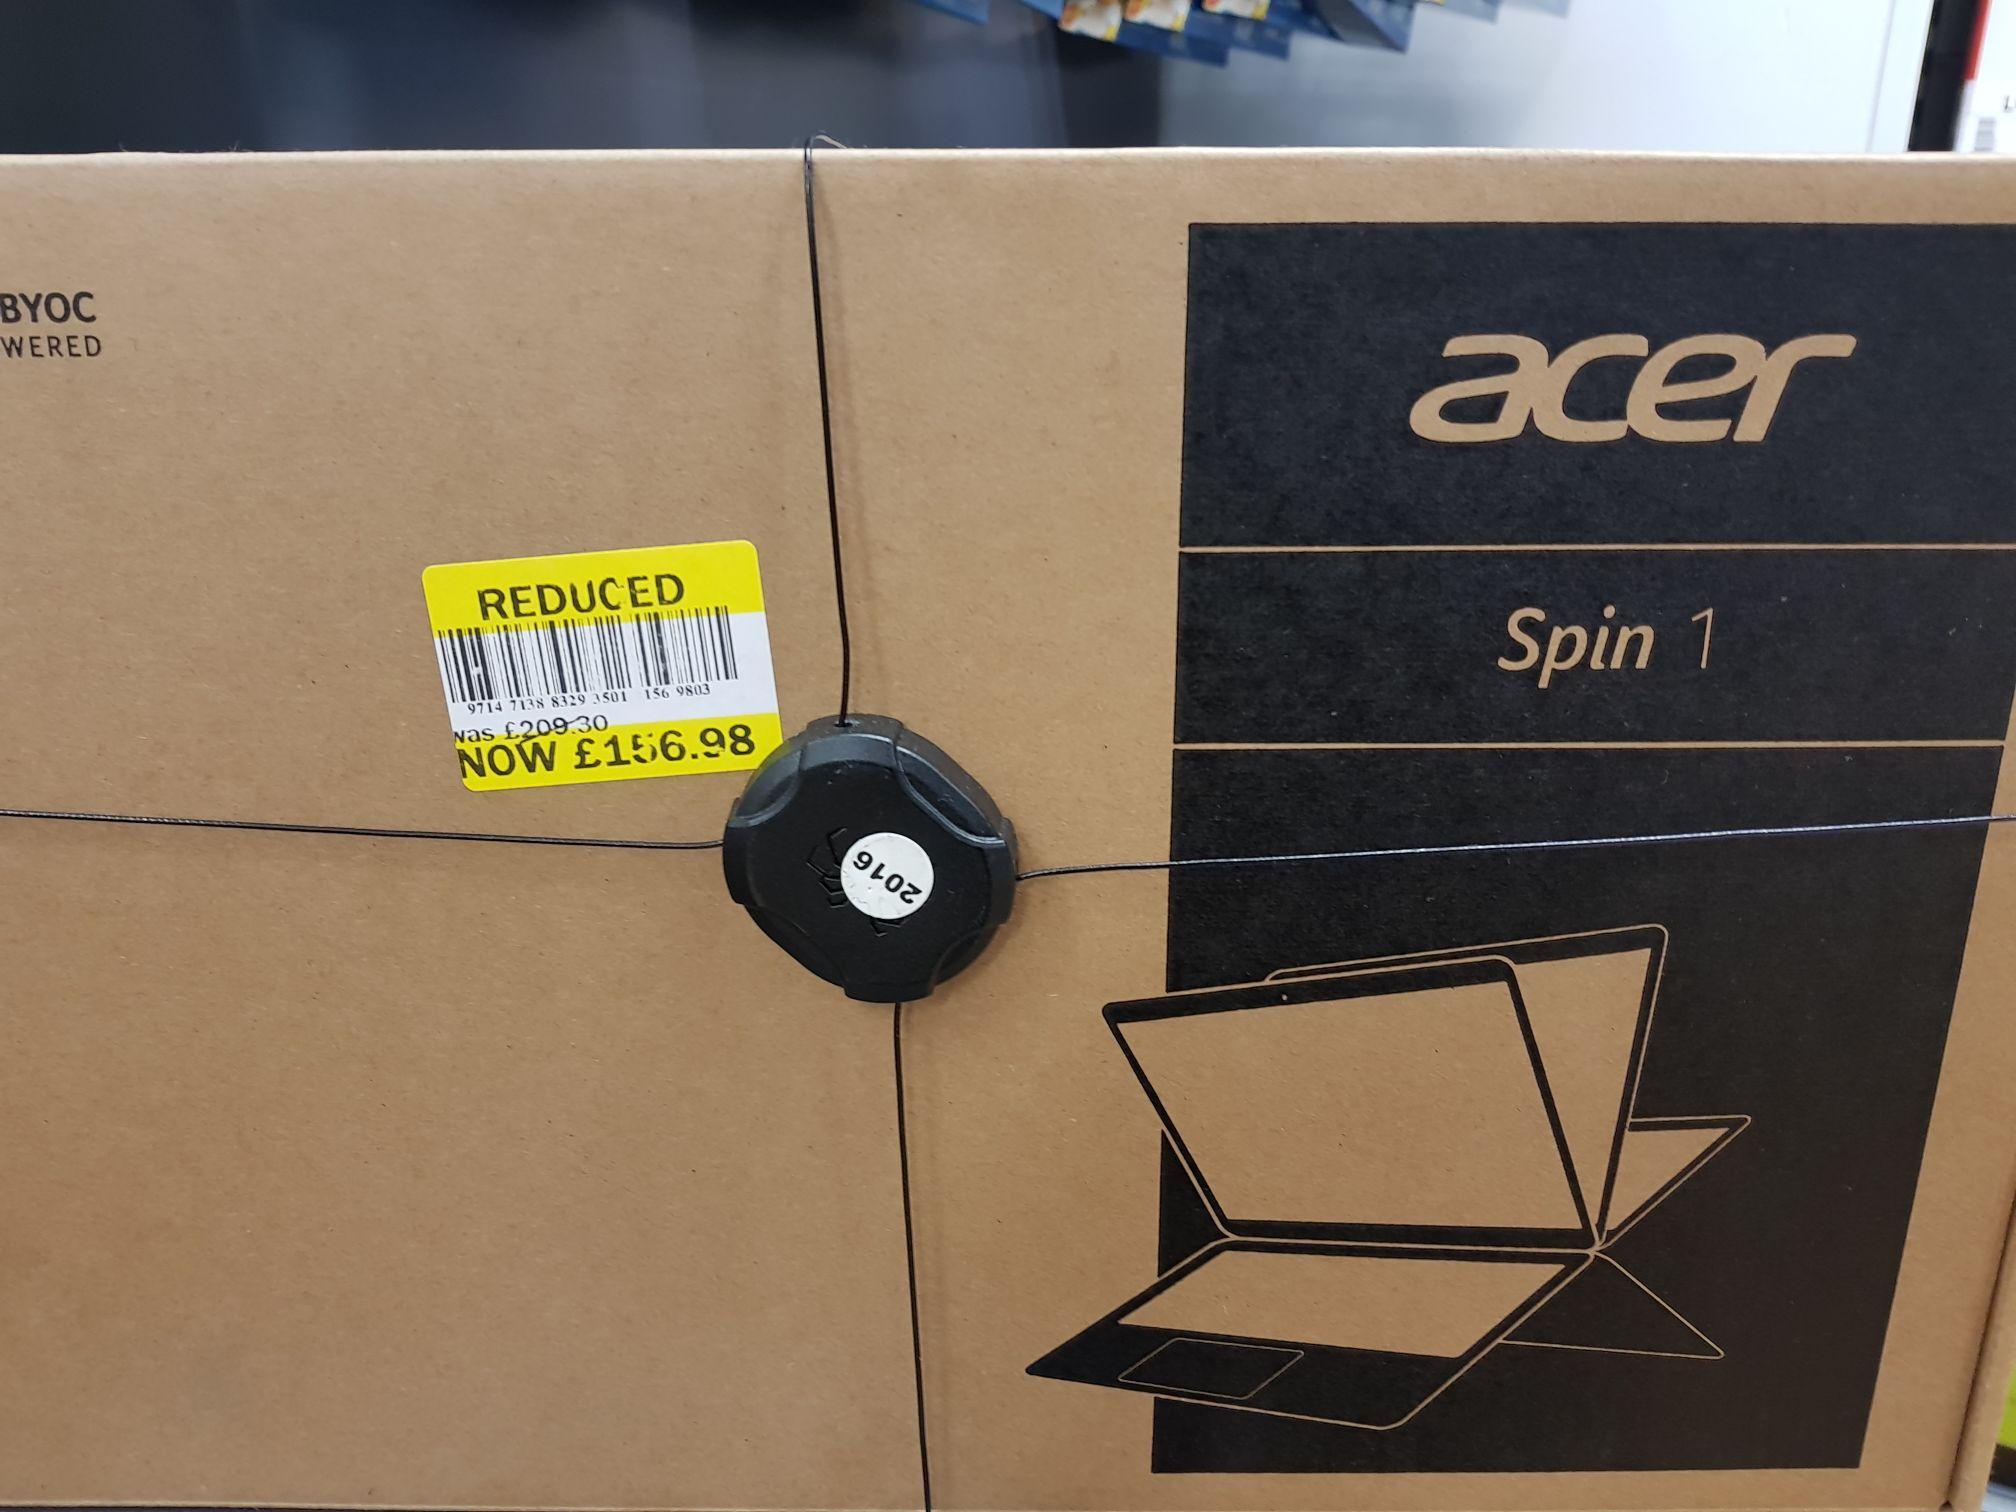 Acer Spin 1 Instore @ Tesco Alloa £156.98